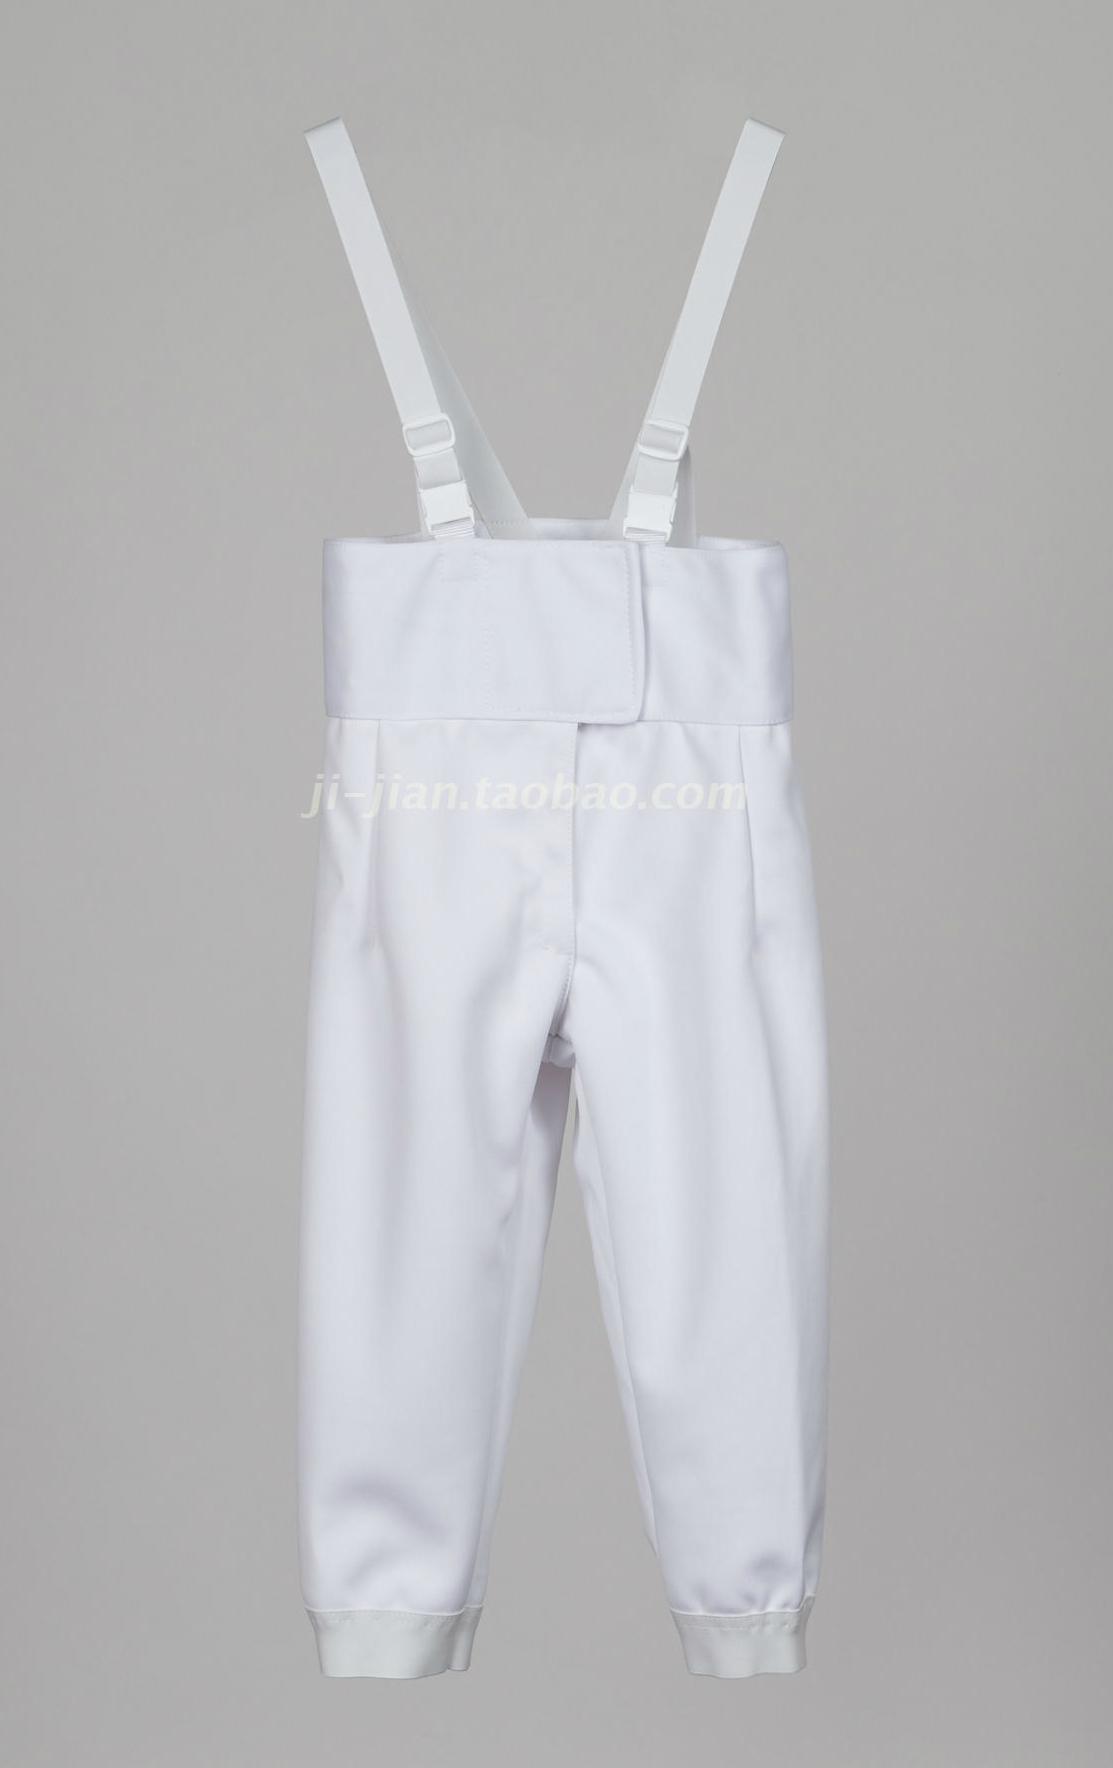 Спец. предложение -350N фехтовальный костюм низ Штаны для фехтования - Национальные обозначенные бренды